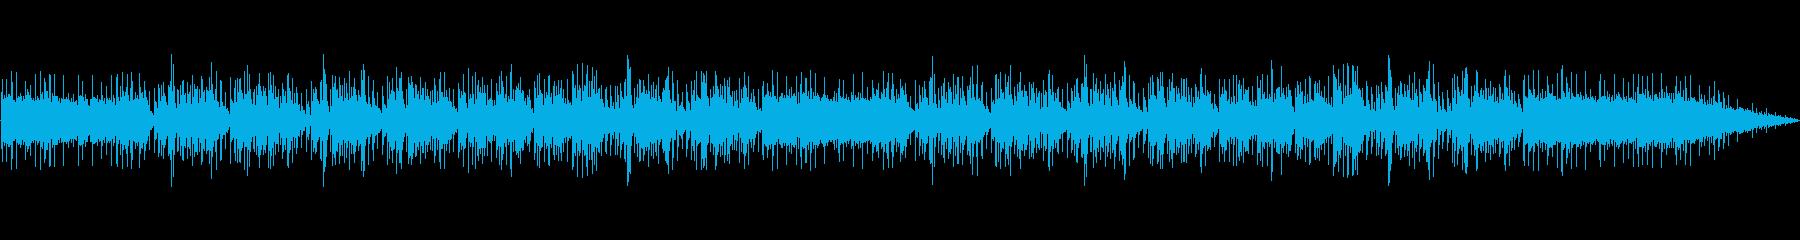 ほのぼのとしたアコースティック曲の再生済みの波形